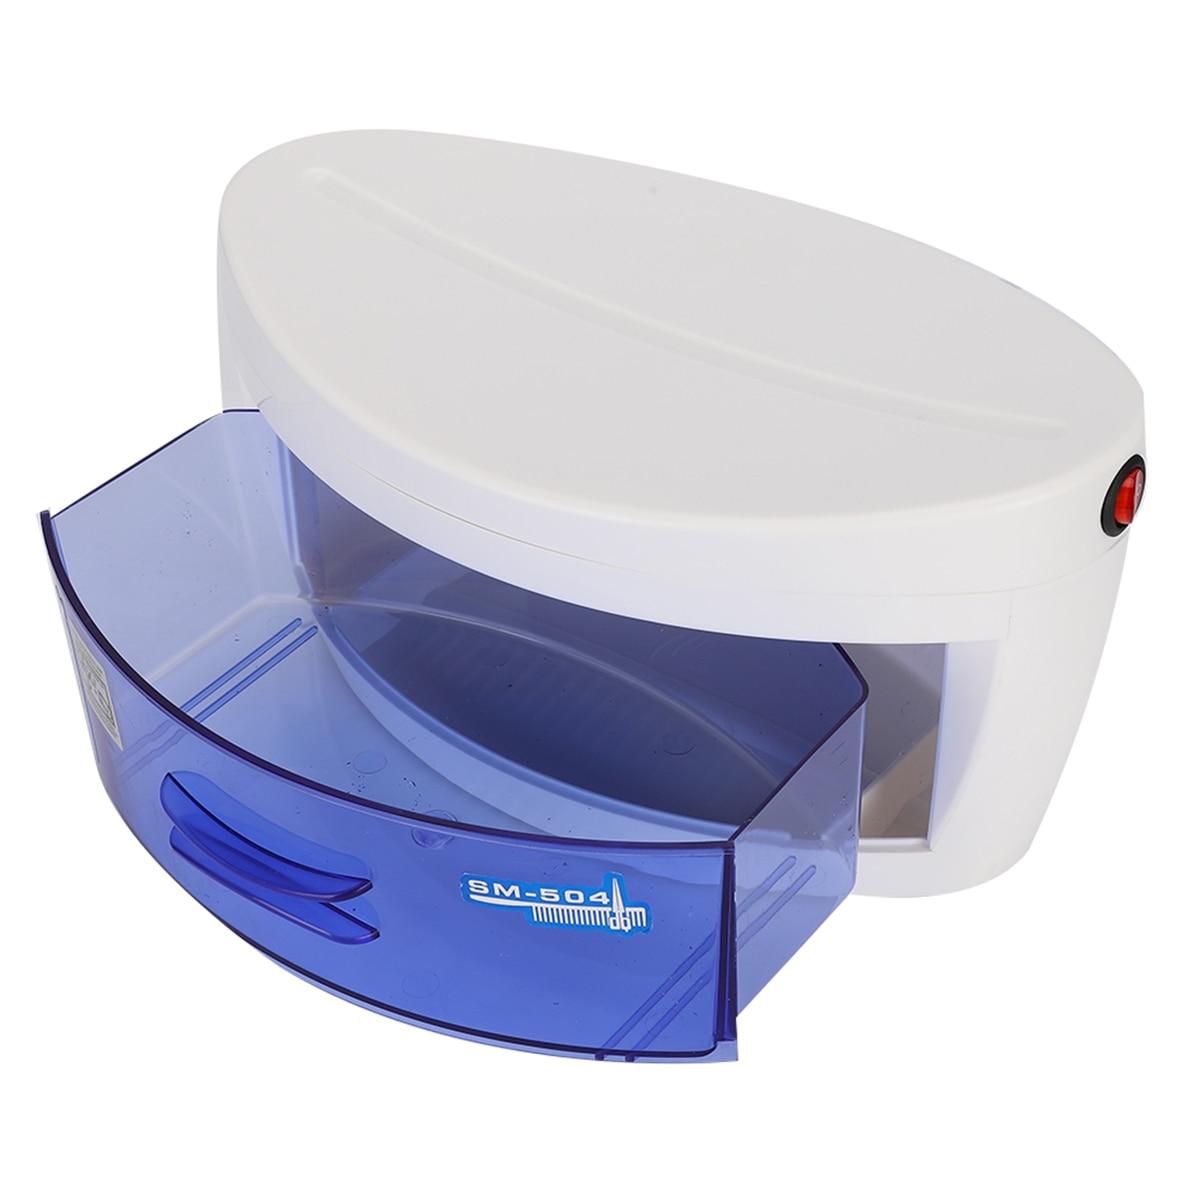 UV Sterilizer Box Double Ozone Ultraviolet Disinfection Sterilizion Machine For Manicure Nail Art Tools UV Light Sterilizer Box